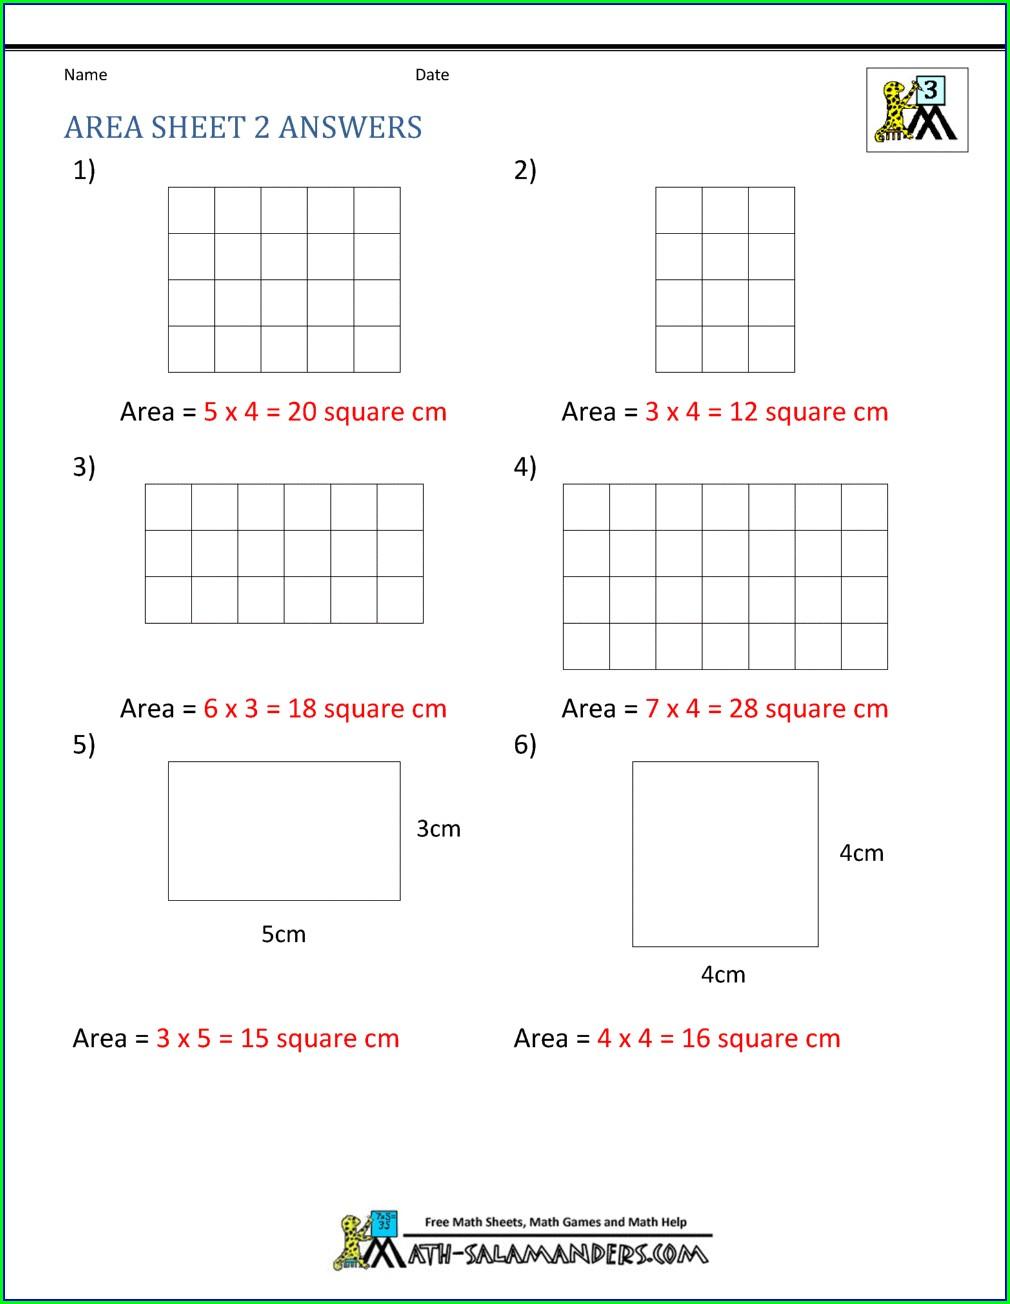 Finding Area Of Irregular Shapes Worksheet Pdf